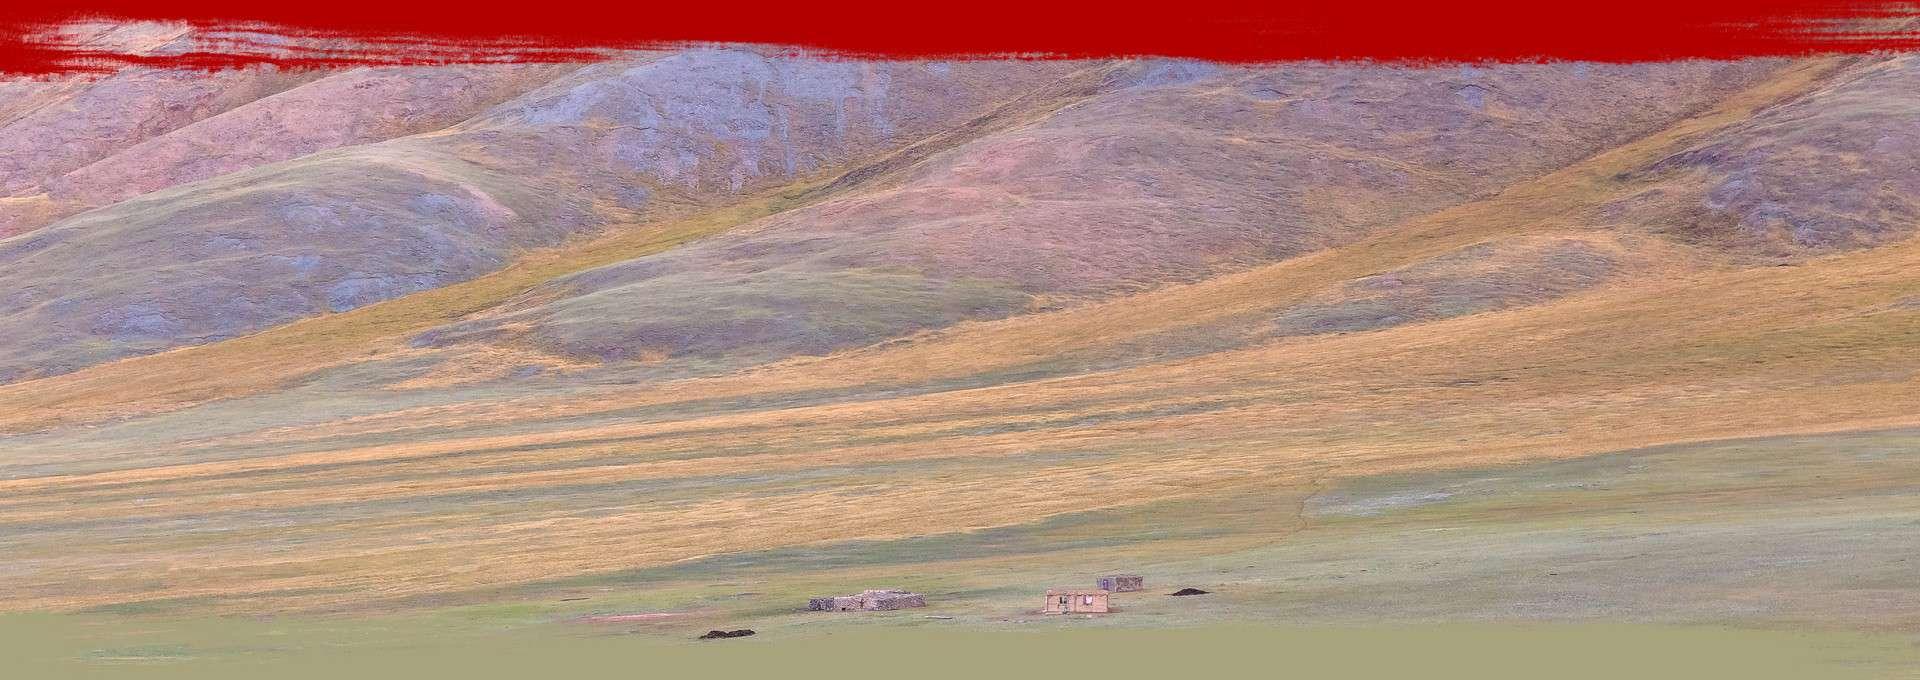 Reise 2 Mongolei 1+